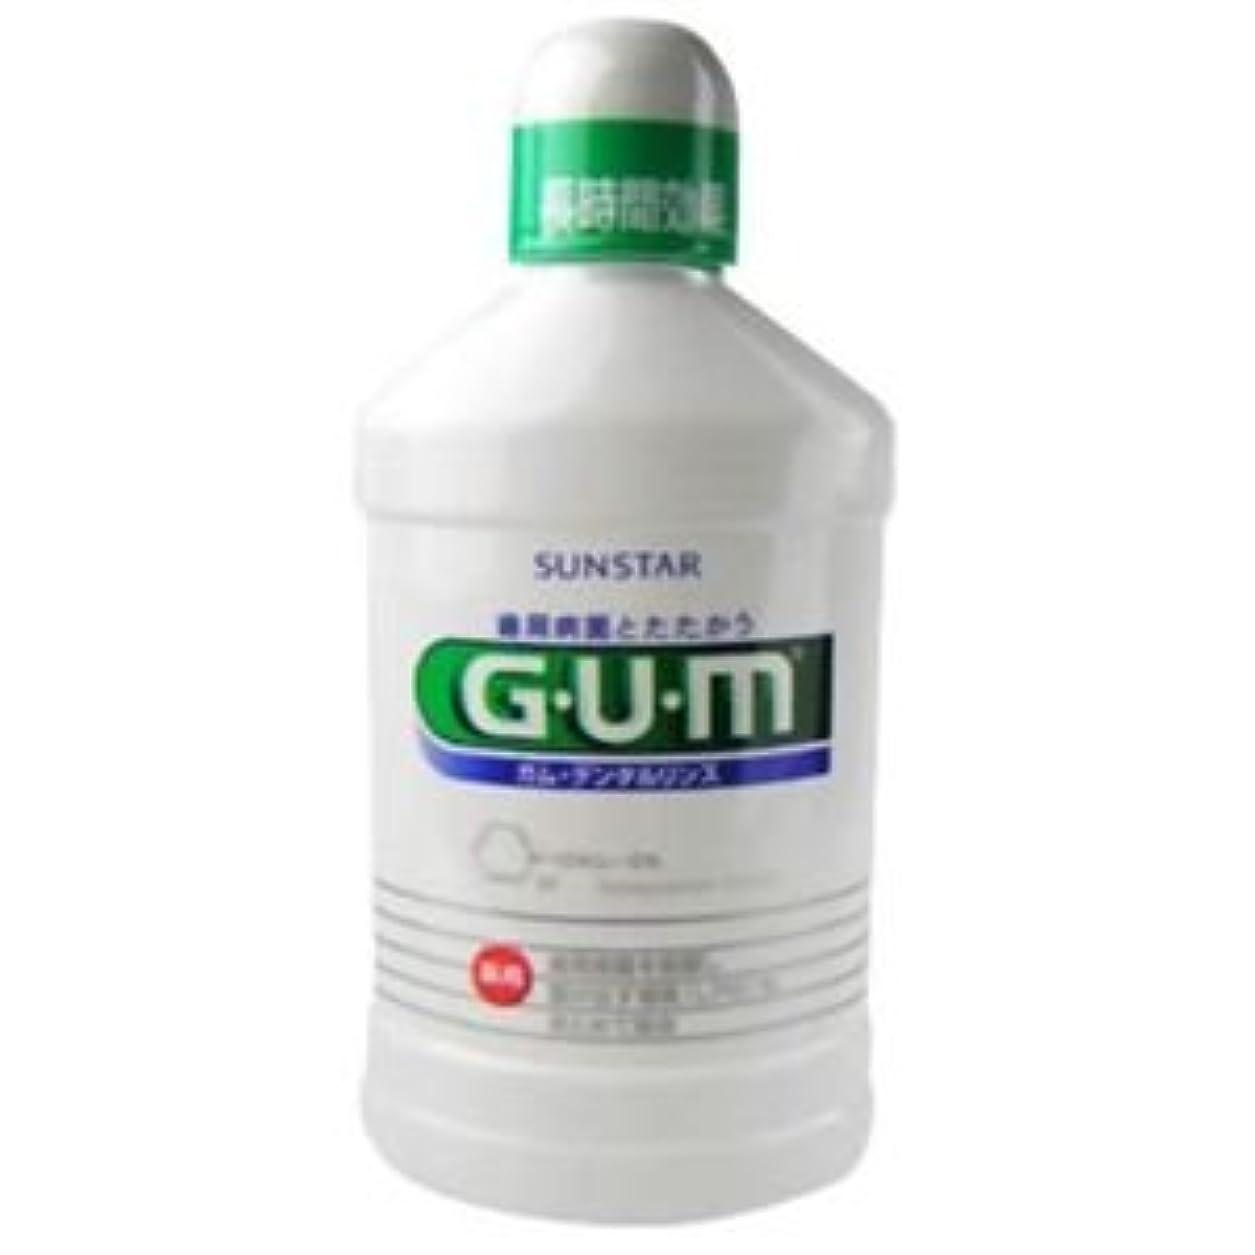 くしゃくしゃ粘着性力学GUM(ガム) 薬用 デンタルリンス レギュラータイプ 500ml 7セット